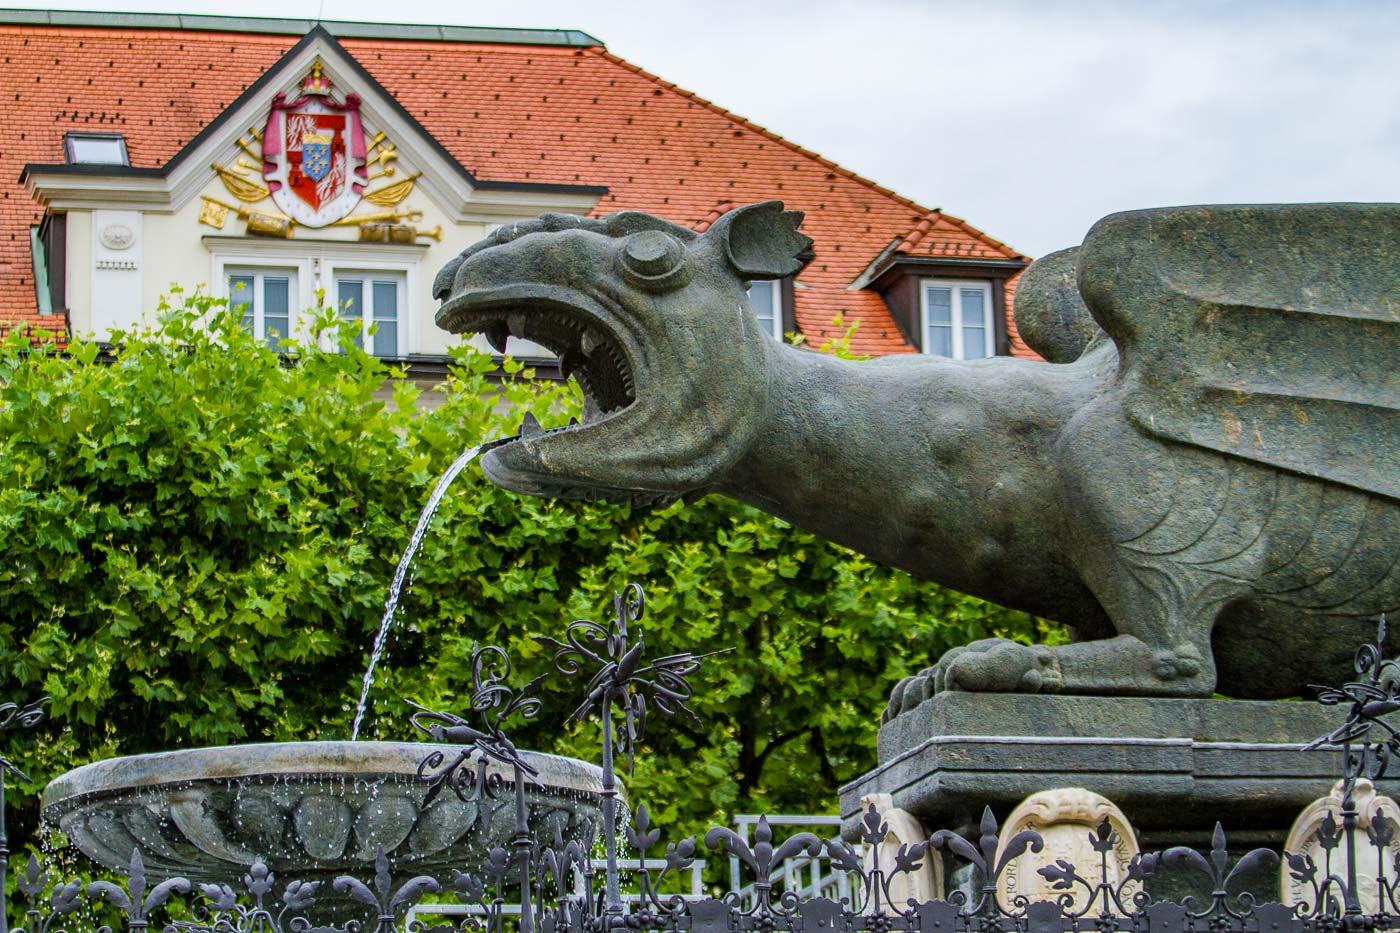 Фонтан дракона в Клагенфурте, Каринтия, Австрия